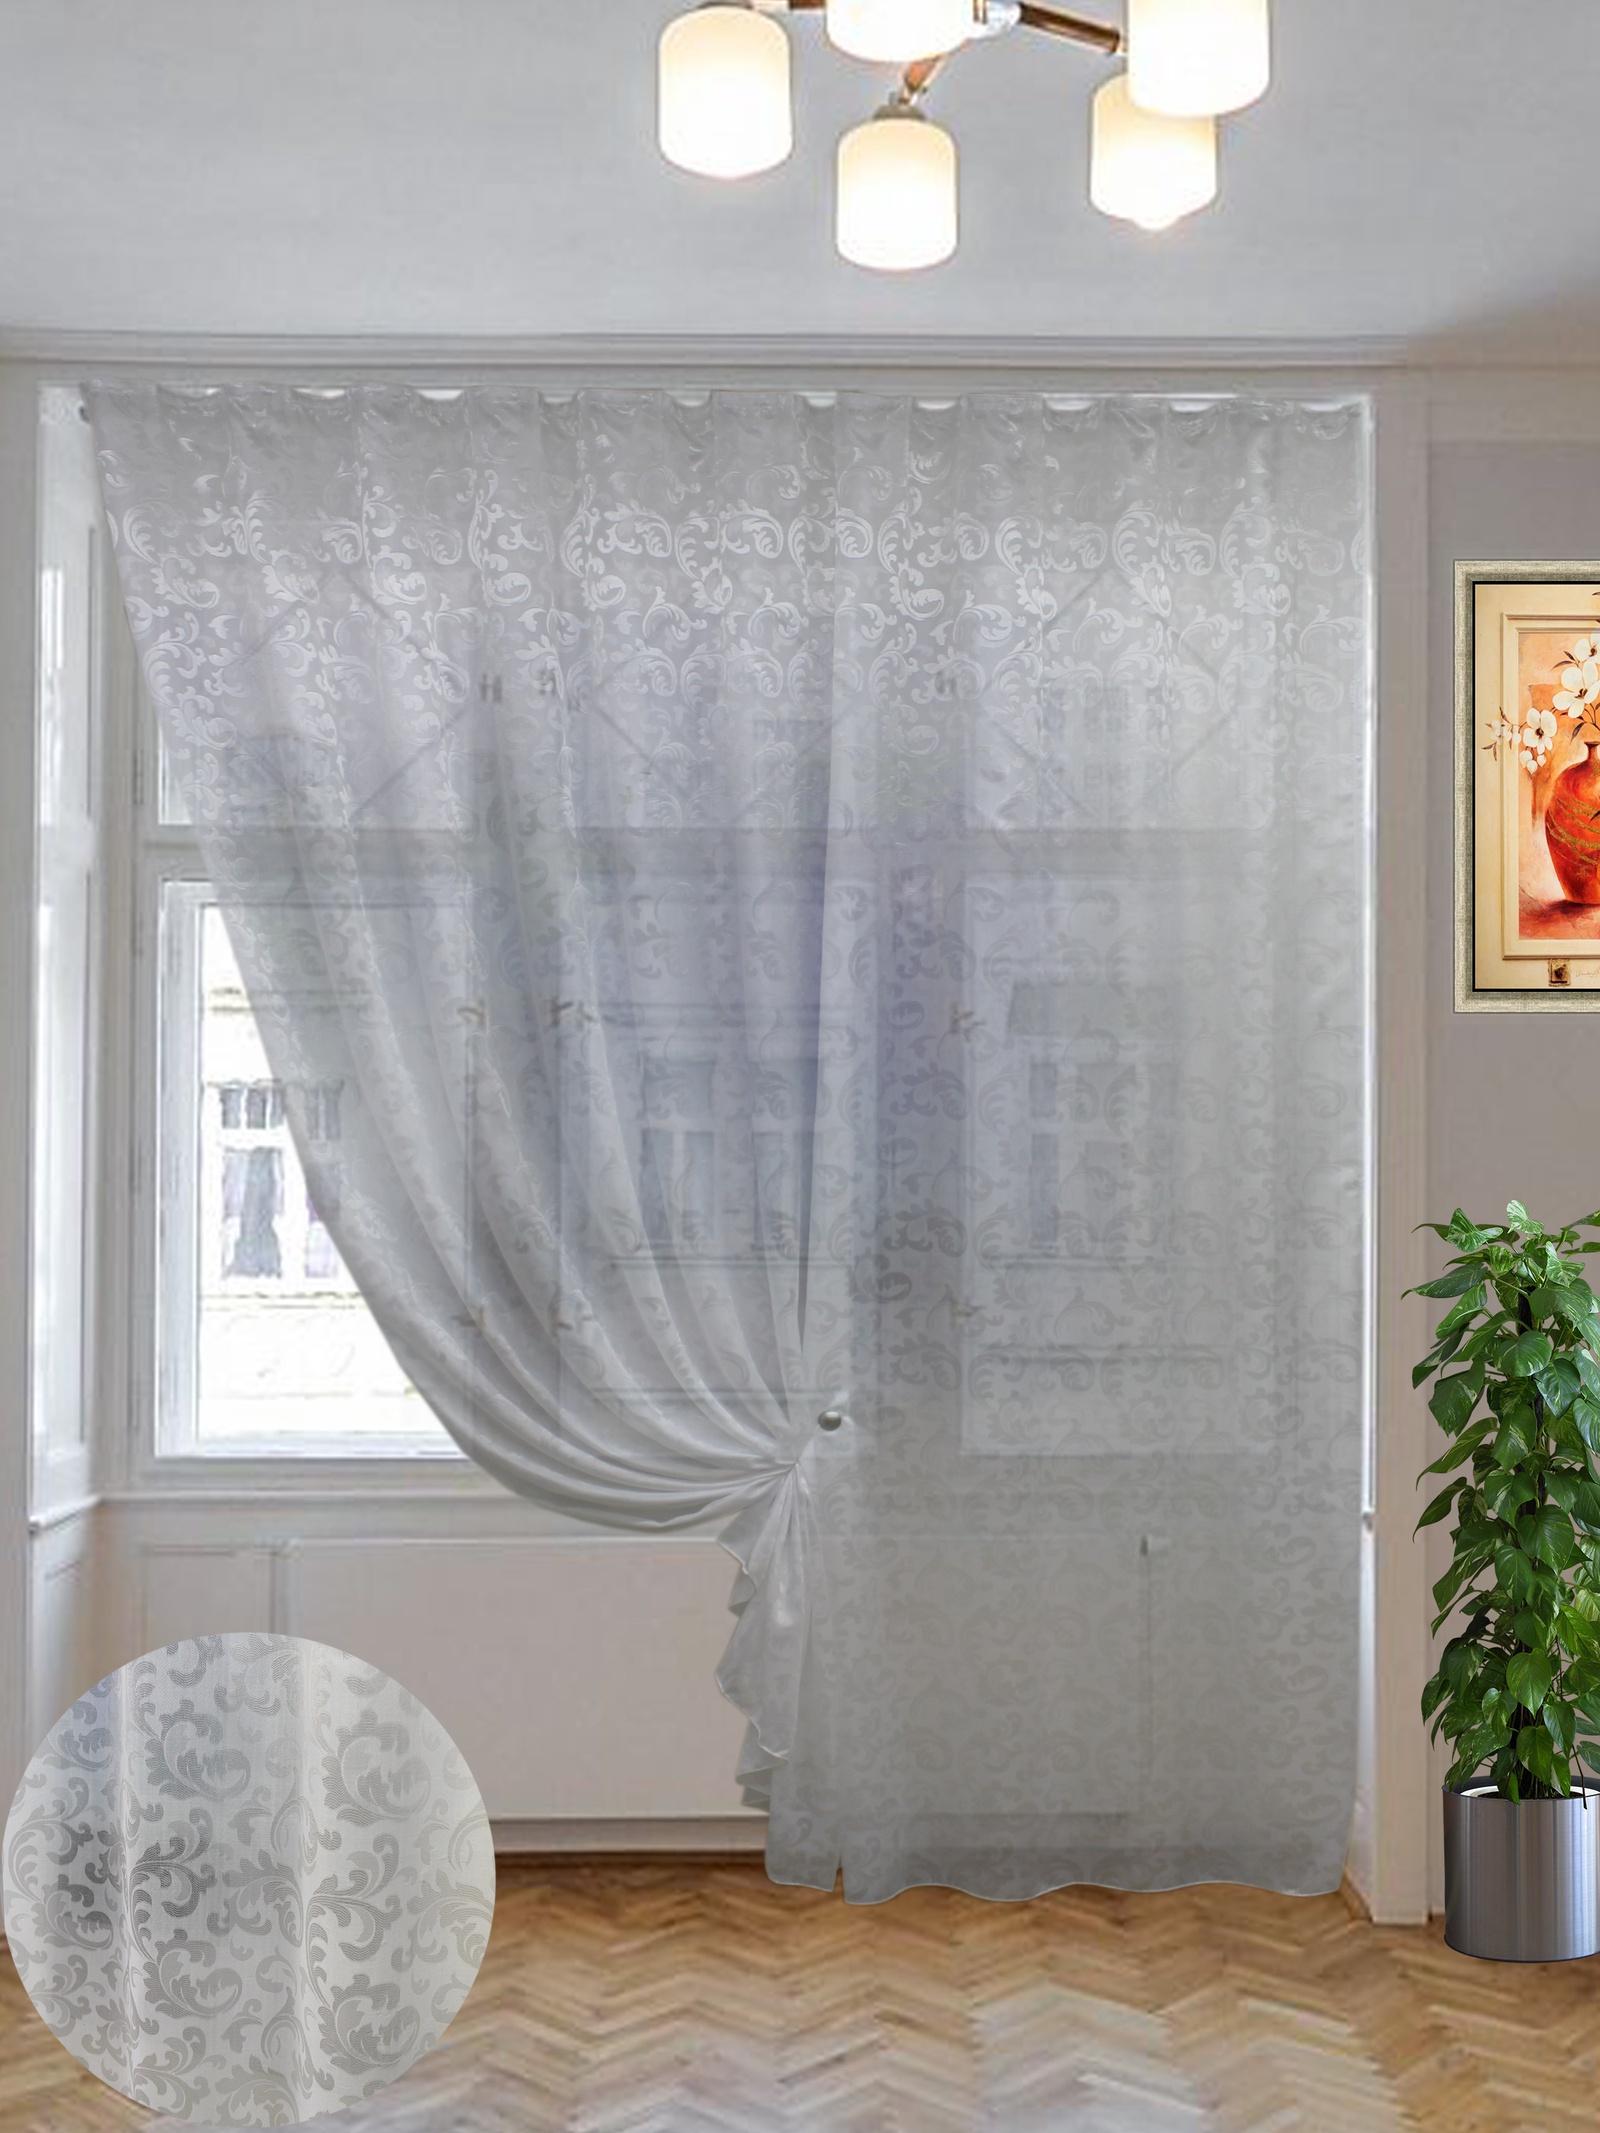 Шторы в комнату с низким потолком фото